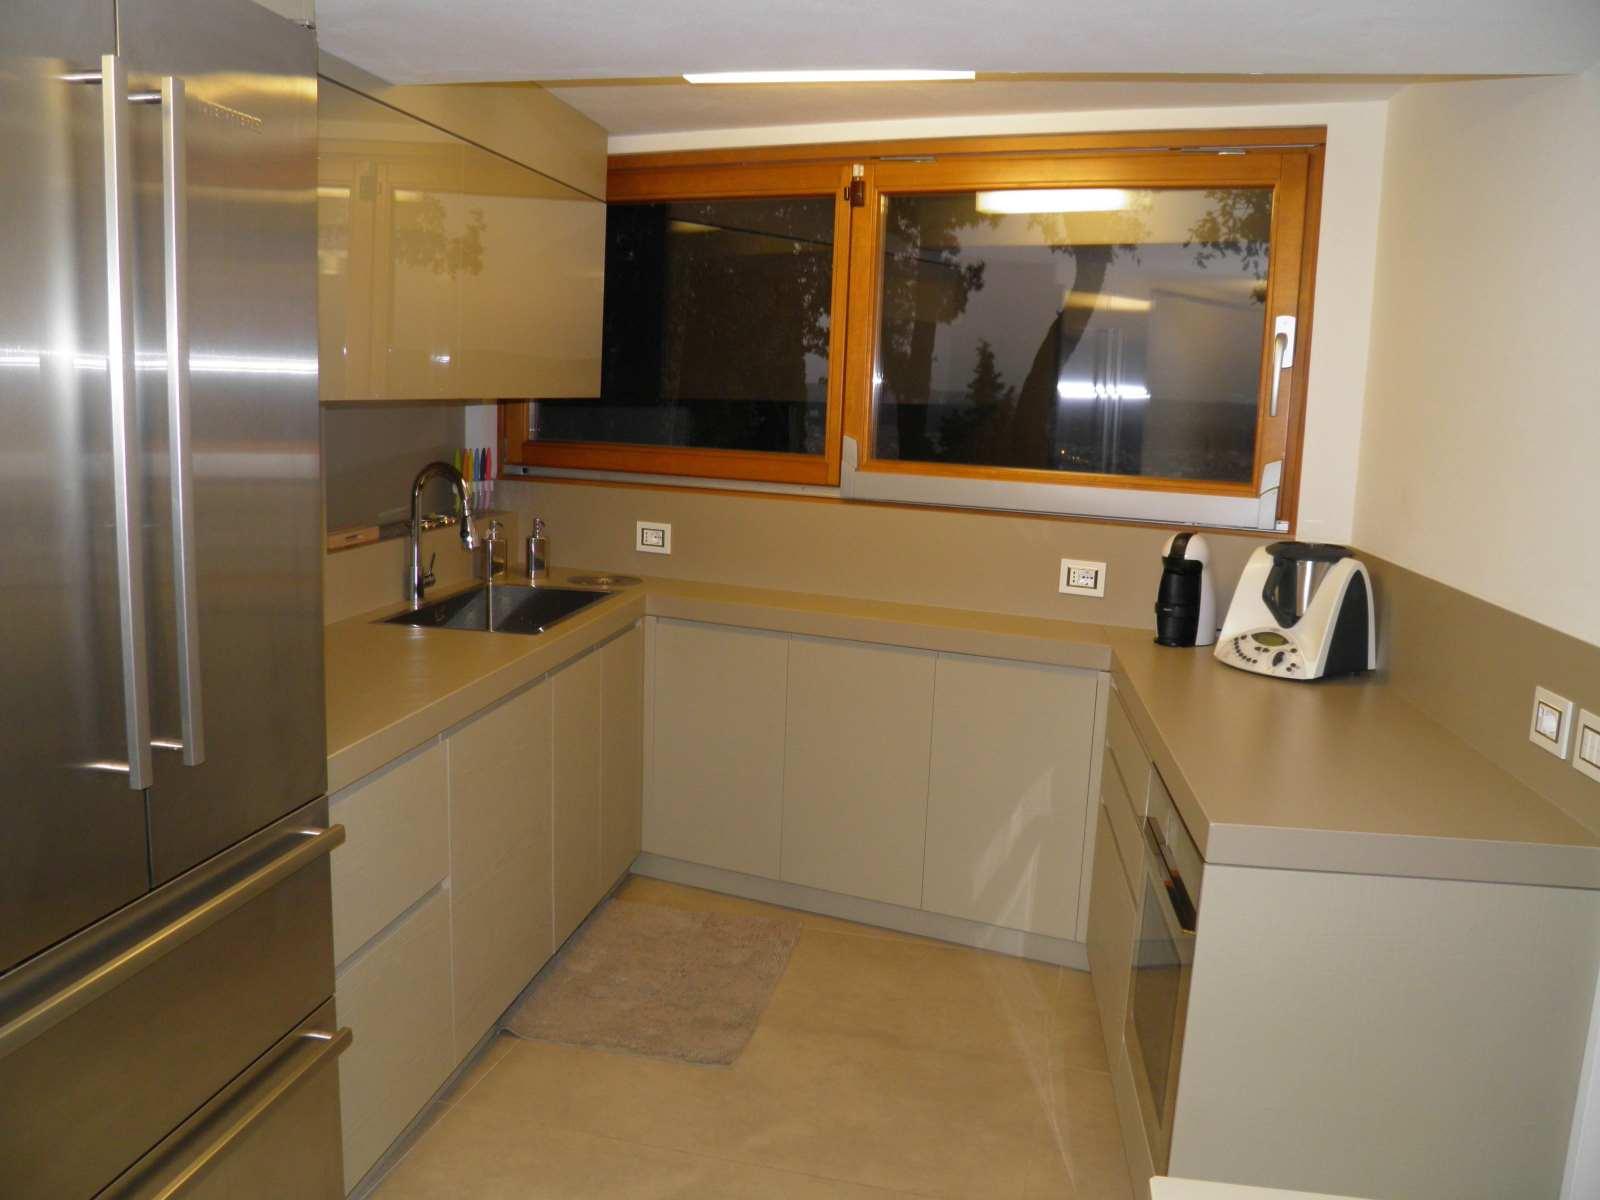 Cucina Su Misura Falegname cucina moderna su misura - falegnameria ratoci